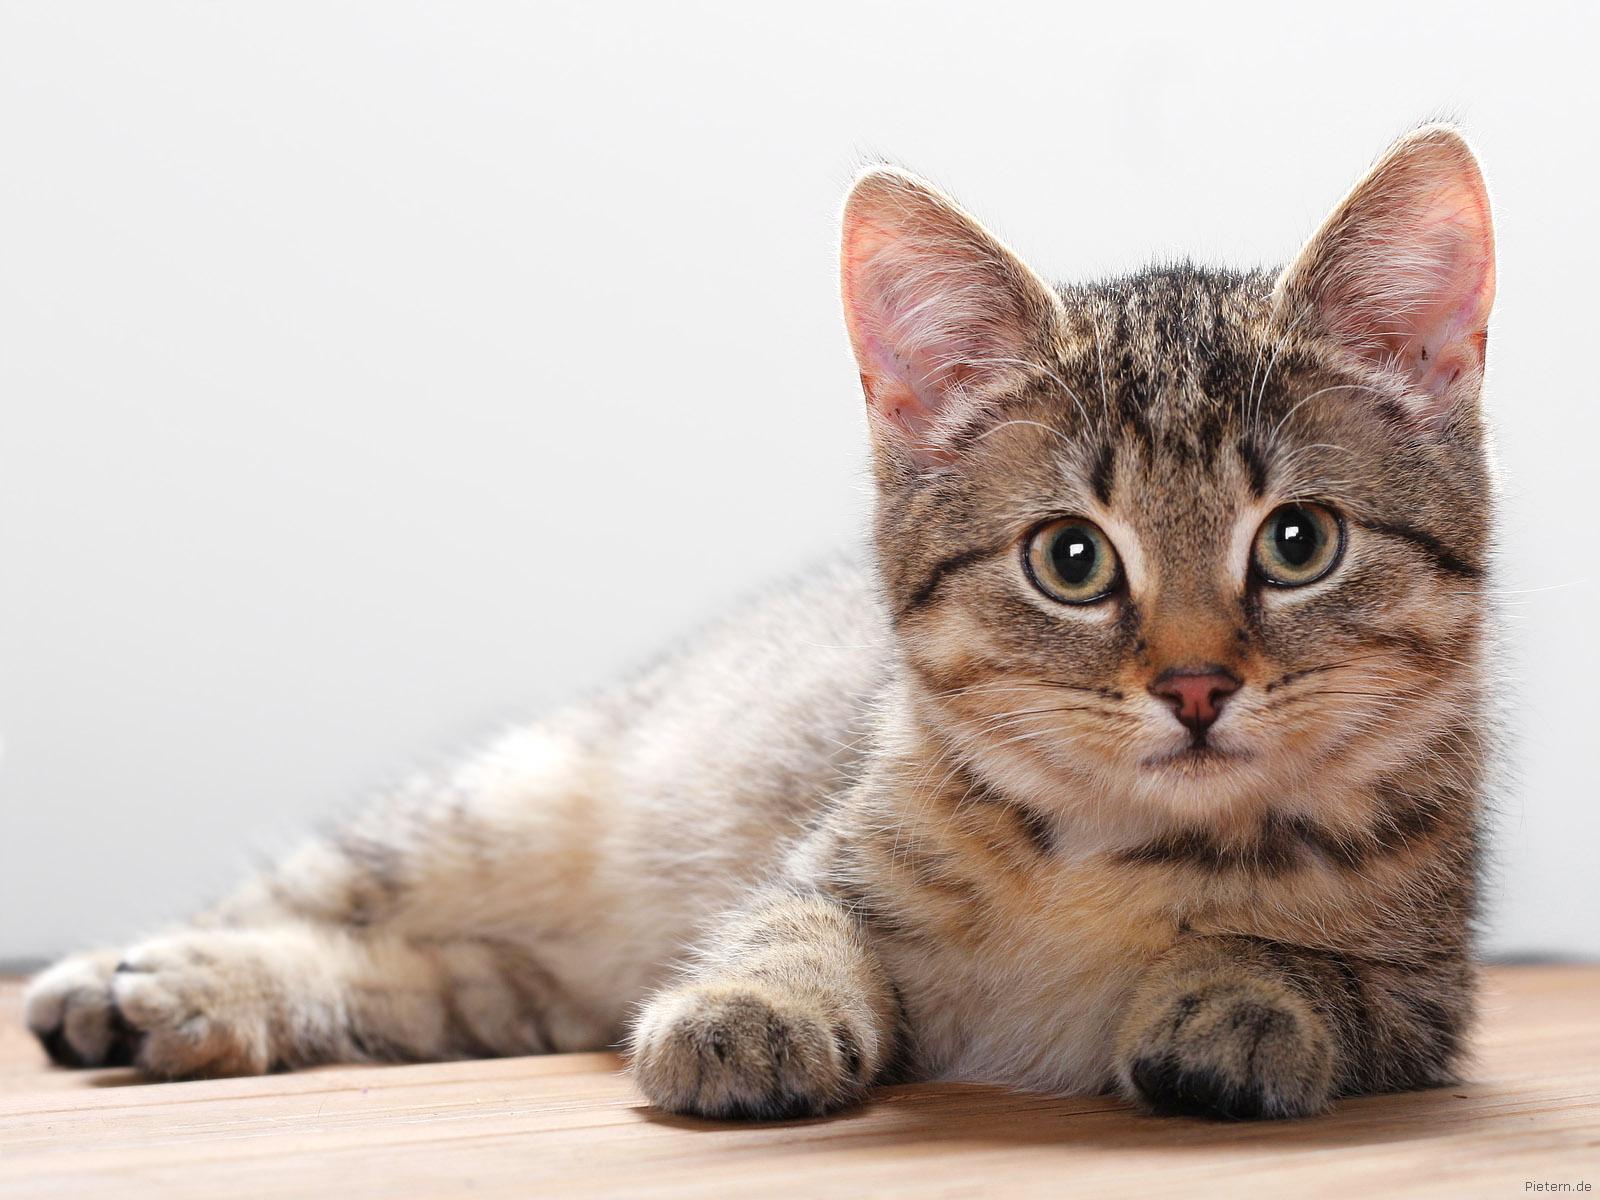 Katten achtergronden hd wallpapers - Cute kittens hd images ...